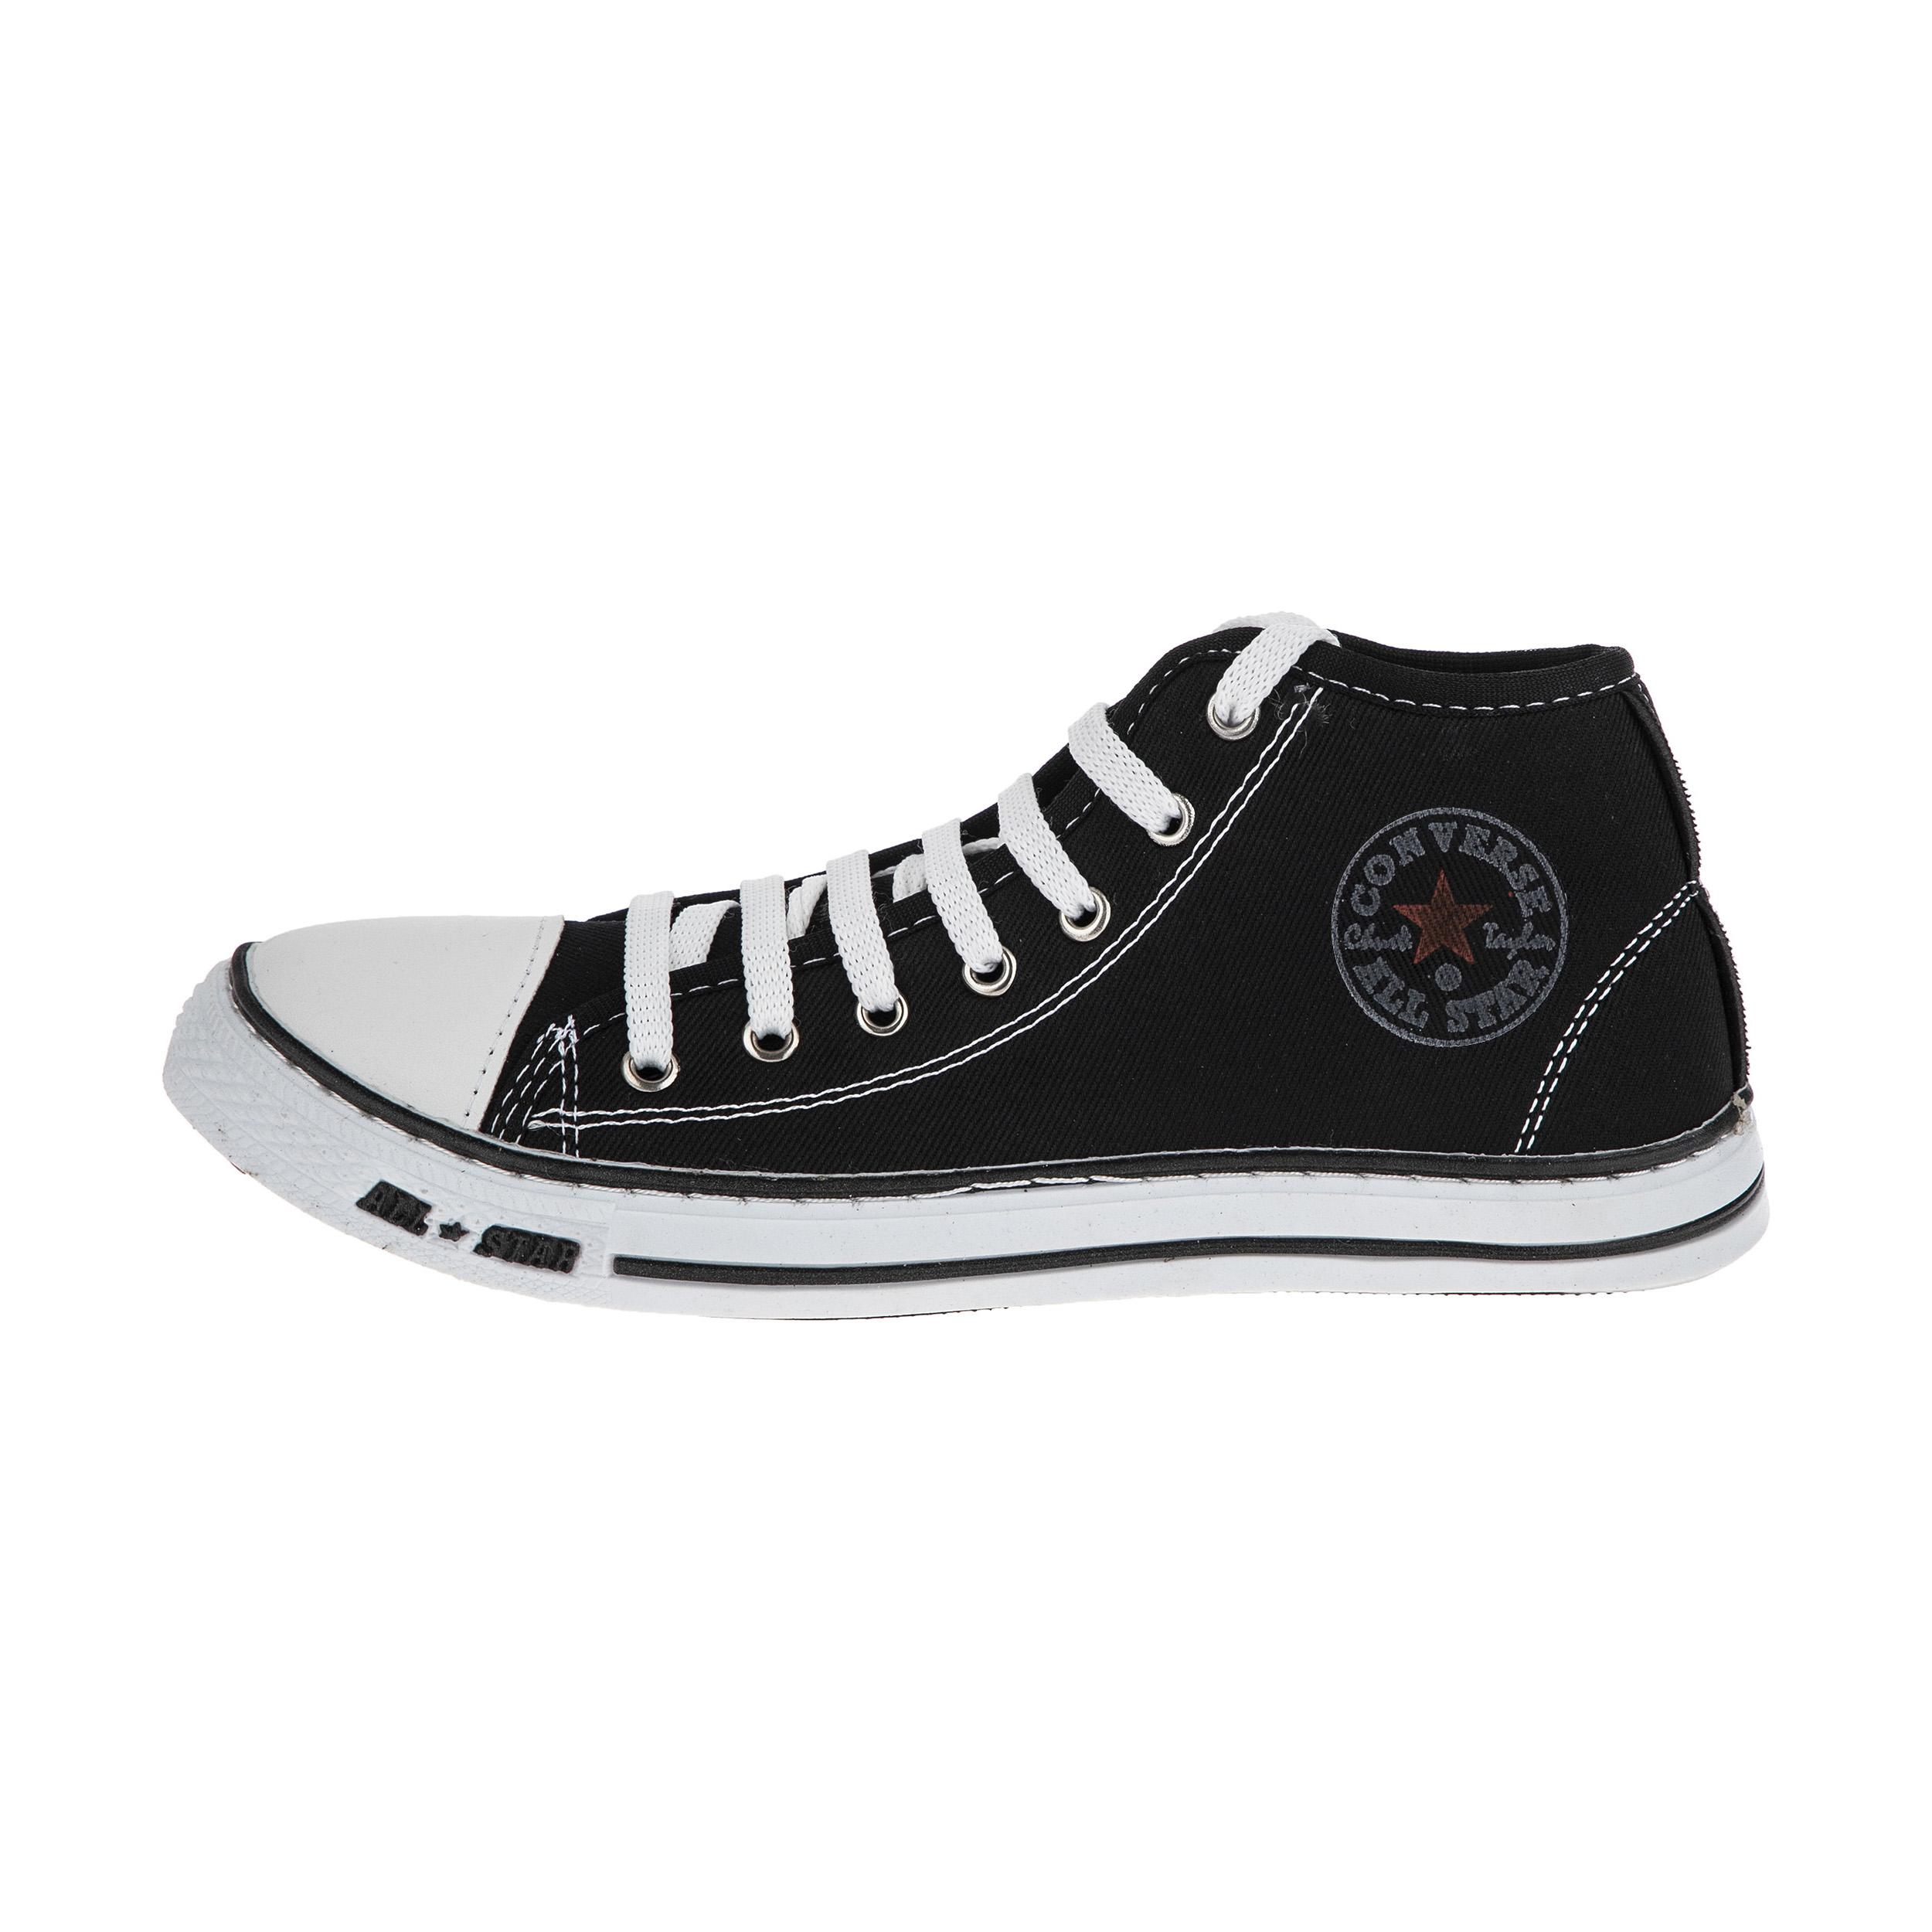 کفش راحتی زنانه مدل 03 STAR